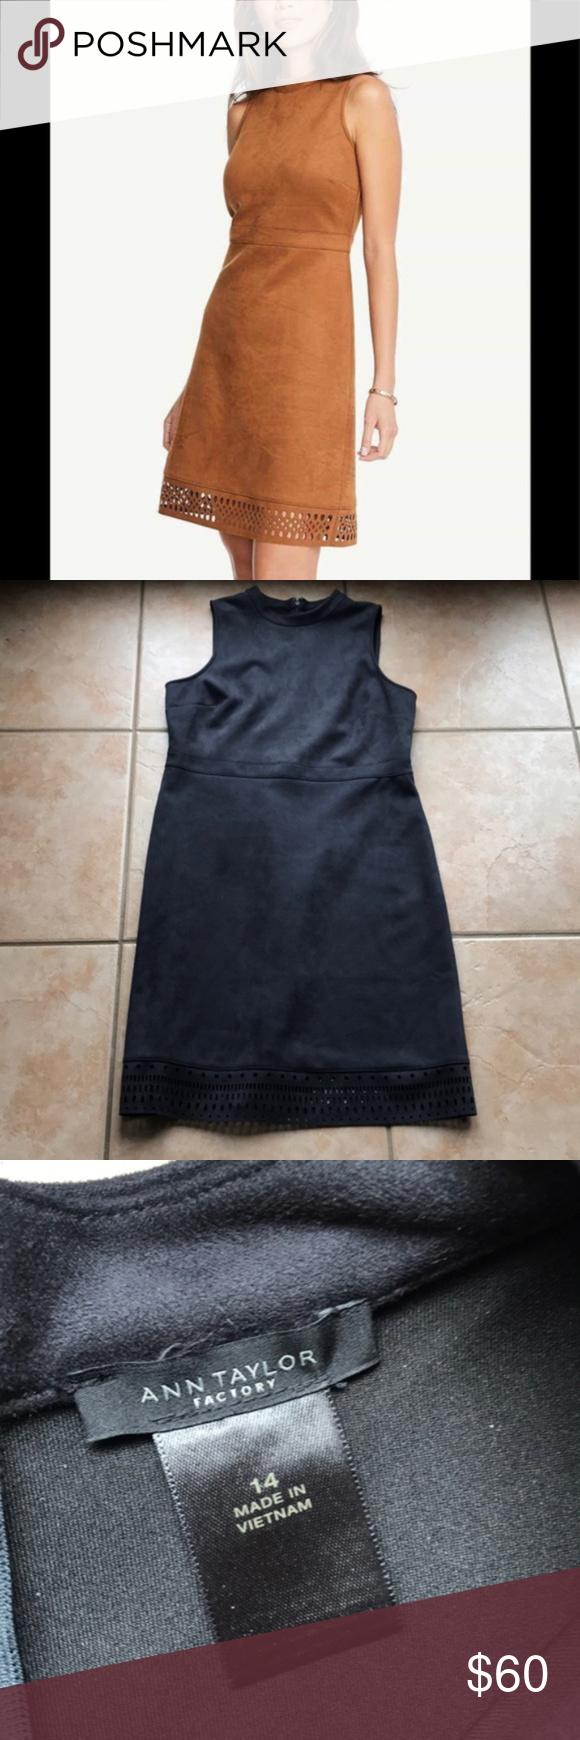 Jessica Haward Black Dress Size 14 Black Dress Size 14 Size 14 Dresses Dresses [ 1740 x 580 Pixel ]